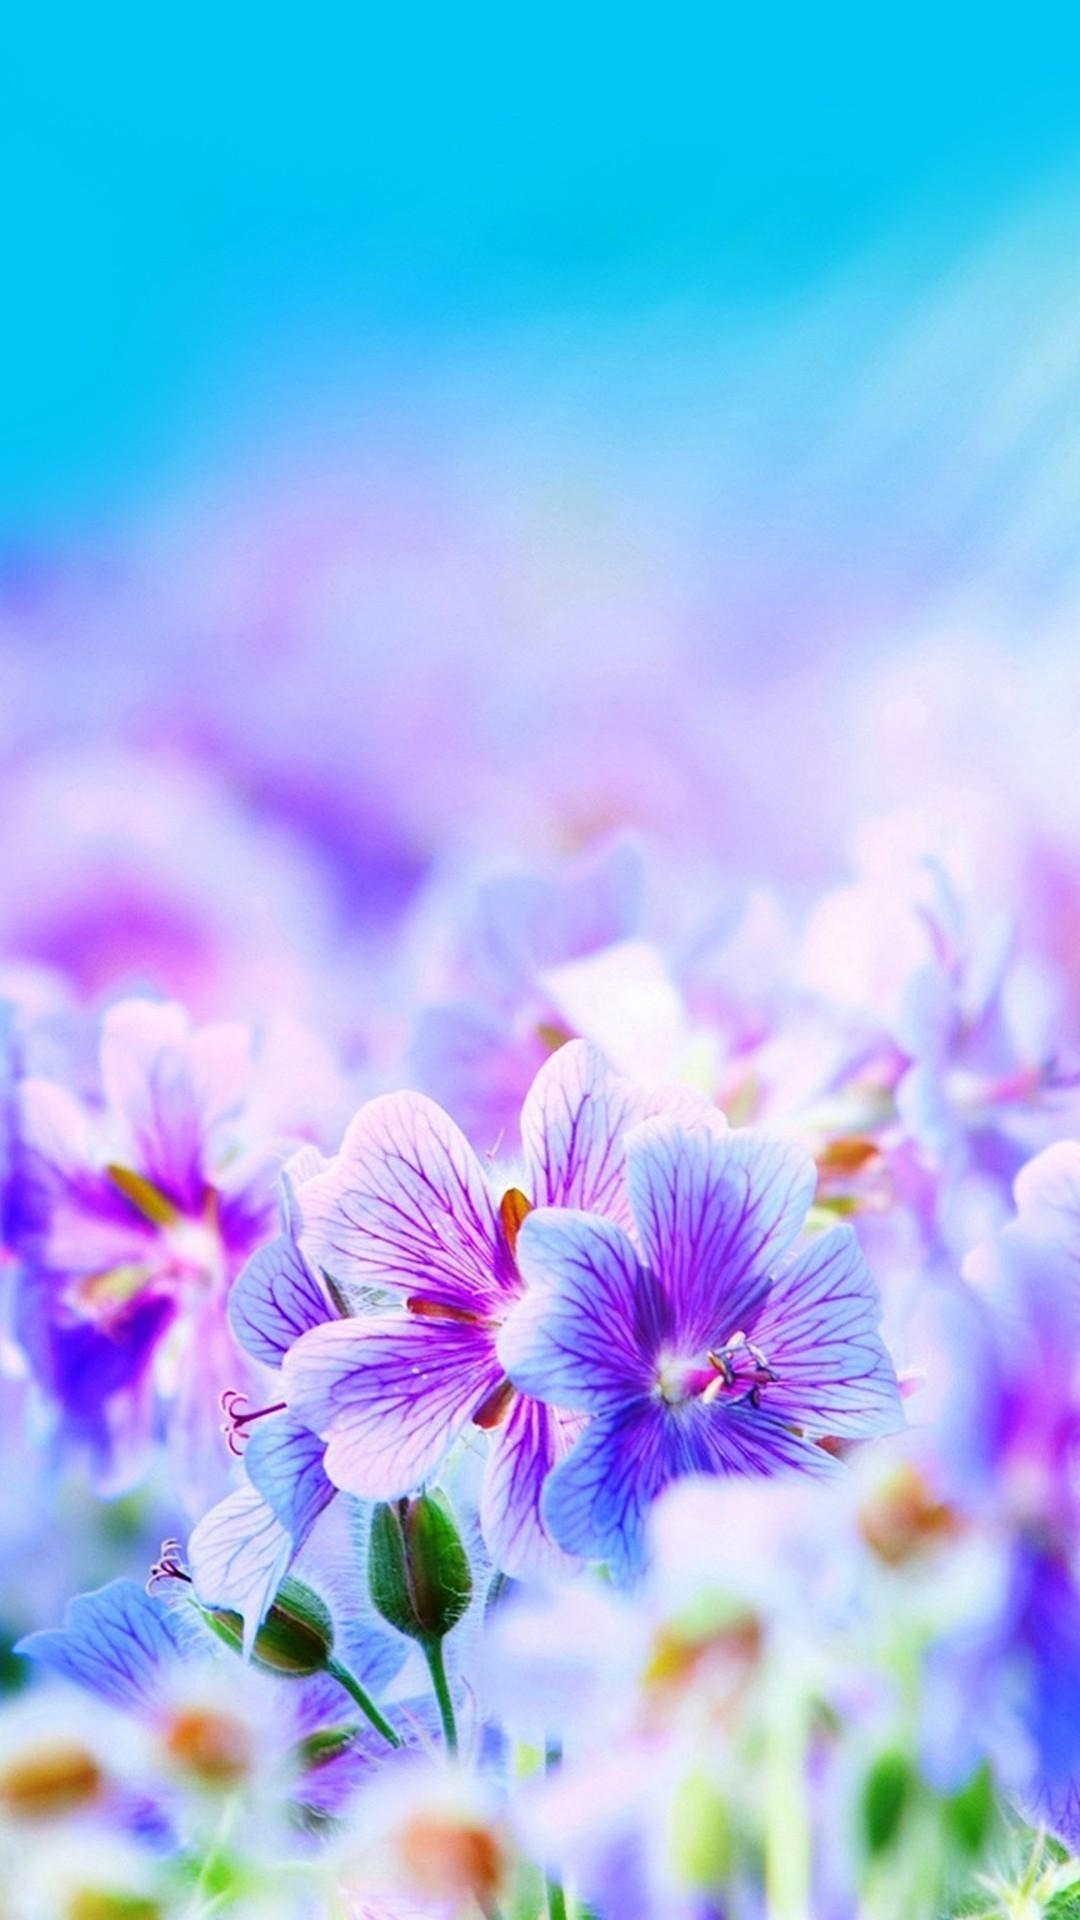 Pretty Flowers Pictures Desktop